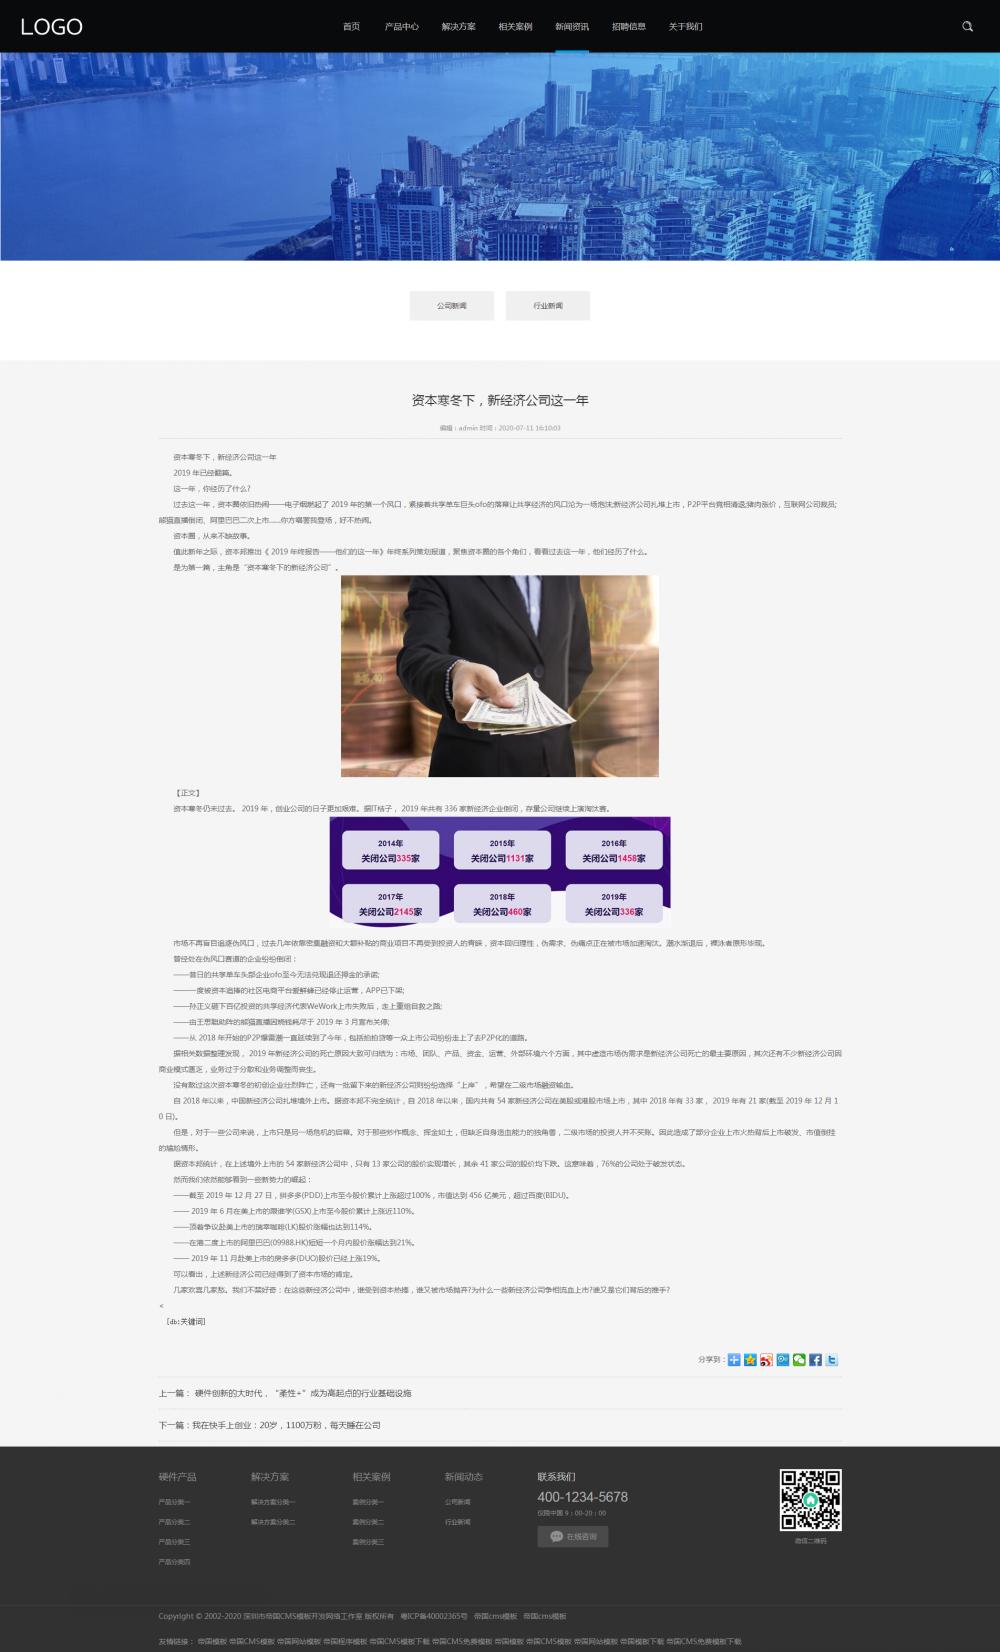 10新闻资讯内容页.png [DG-120]帝国CMS响应式通信电力金融医疗科技类网站帝国cms模板 黑色智能医疗设备帝国网站源码 企业模板 第10张